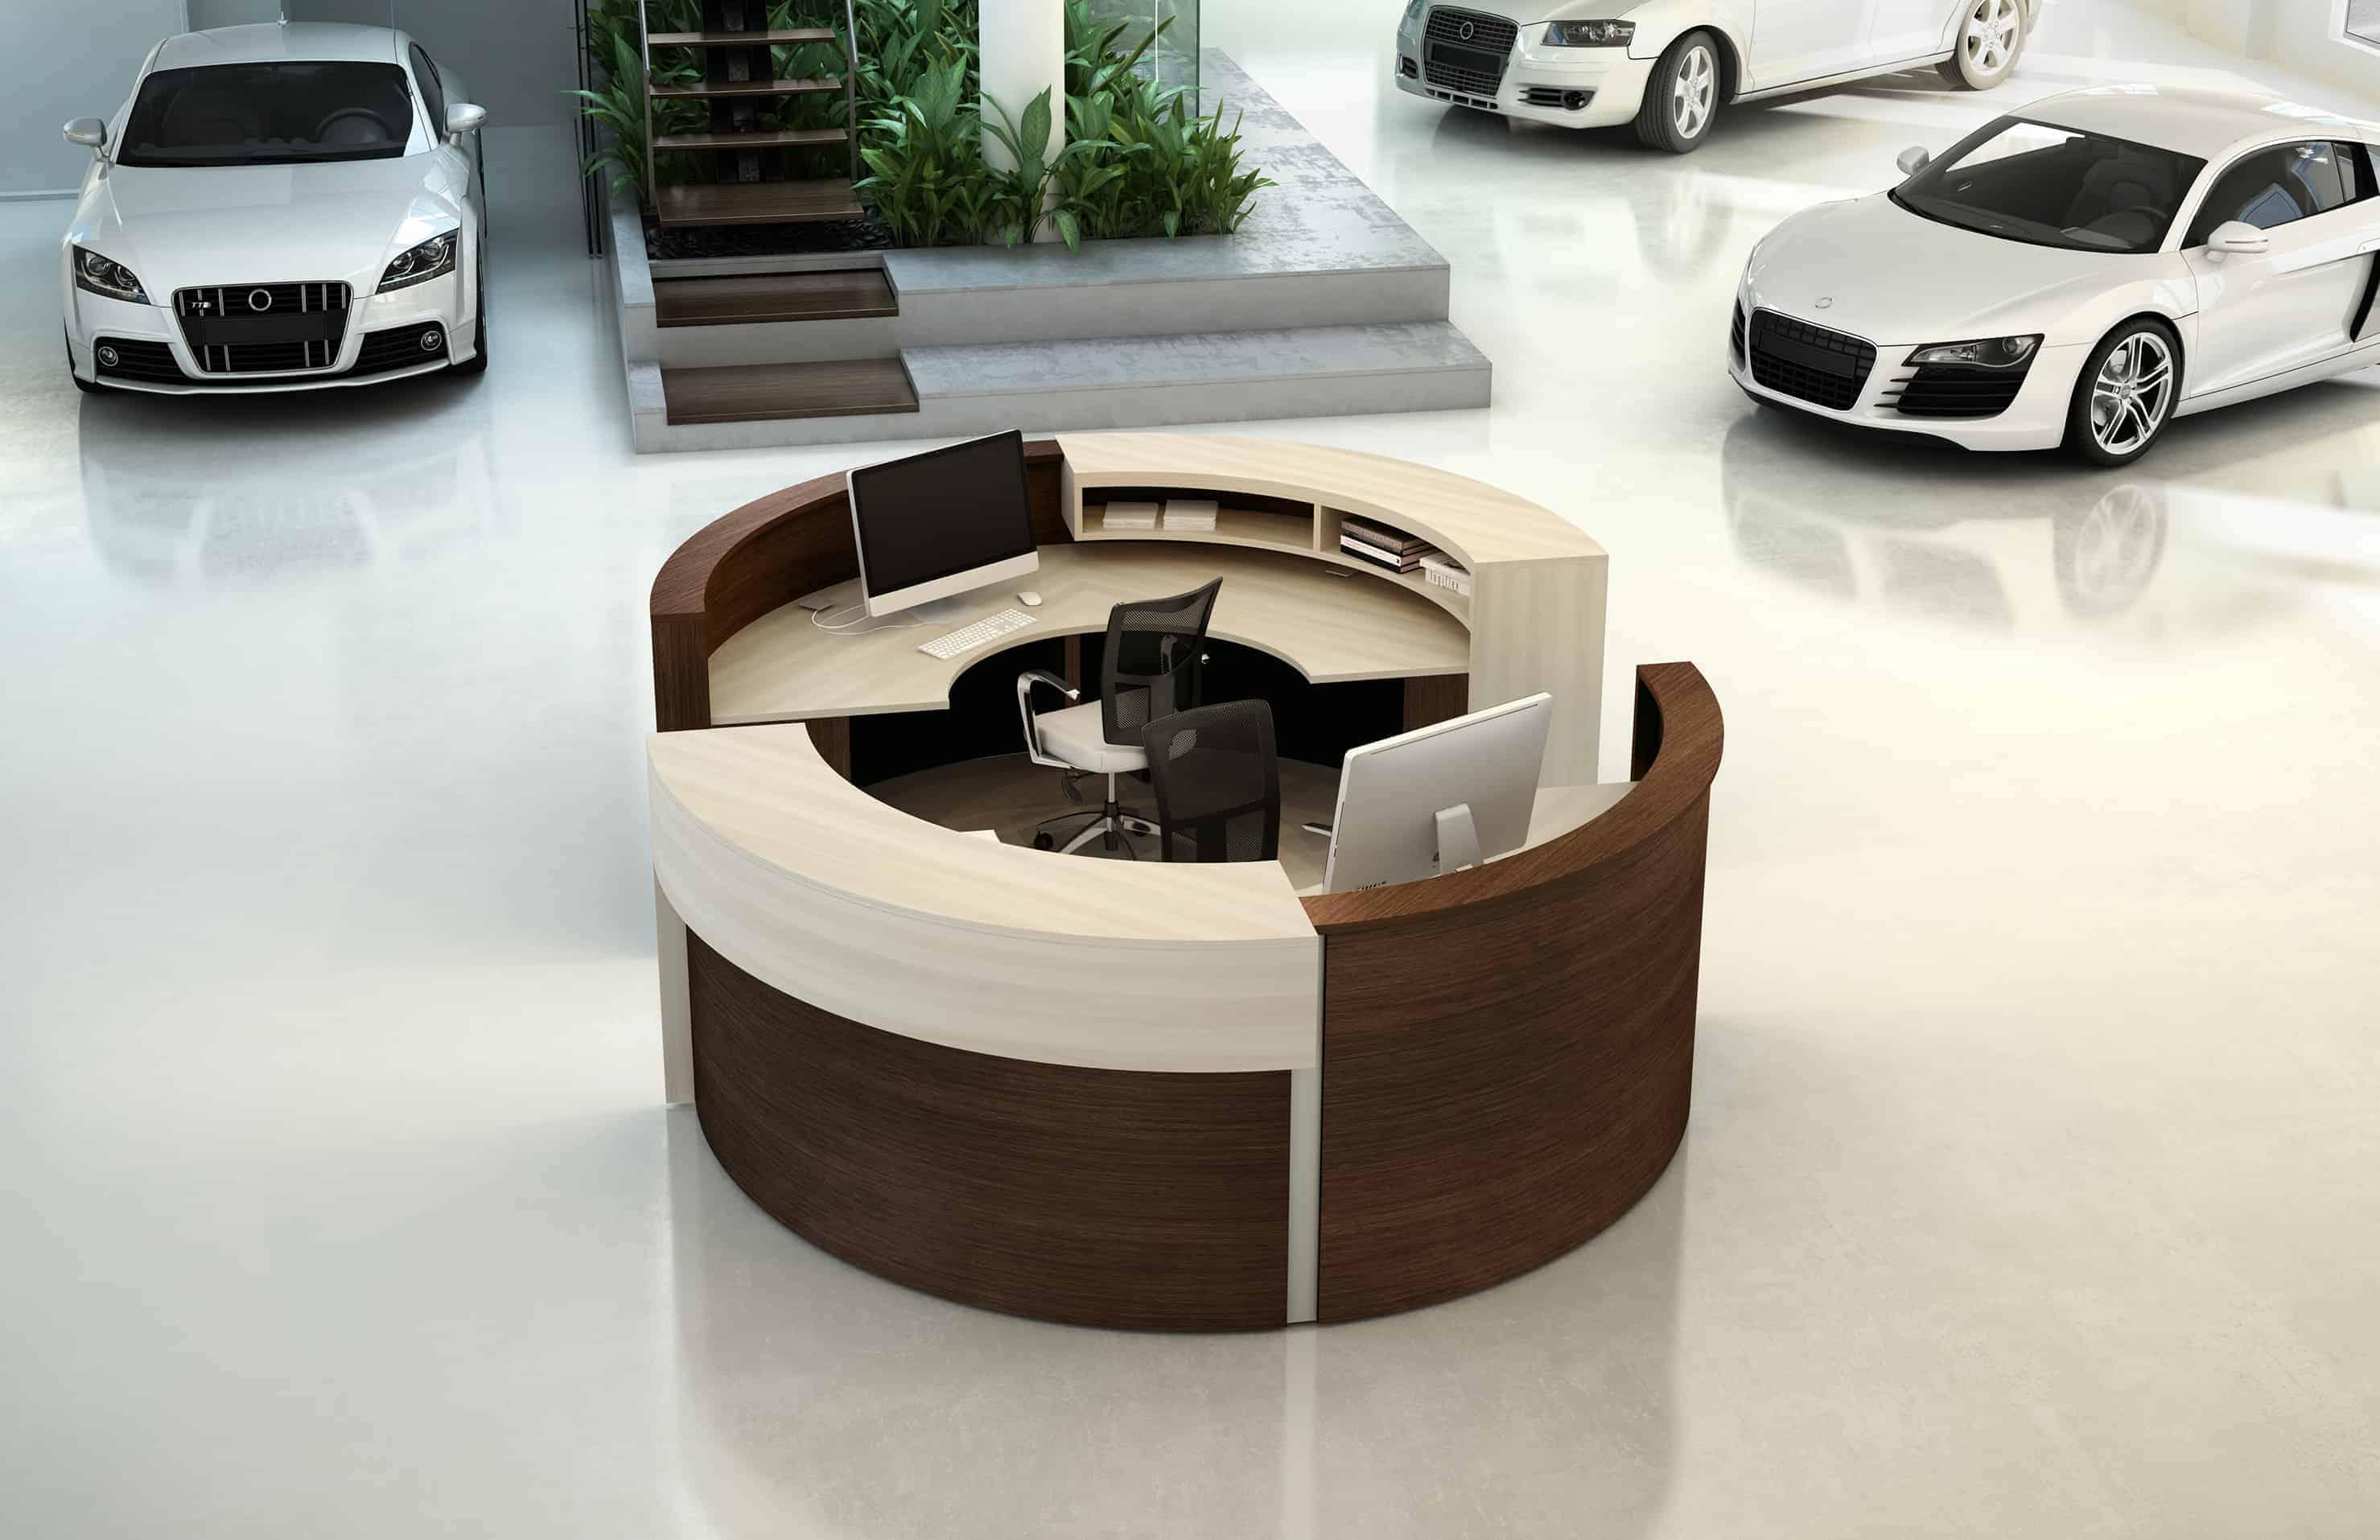 Logiflex Spheric Double Reception Desk Station